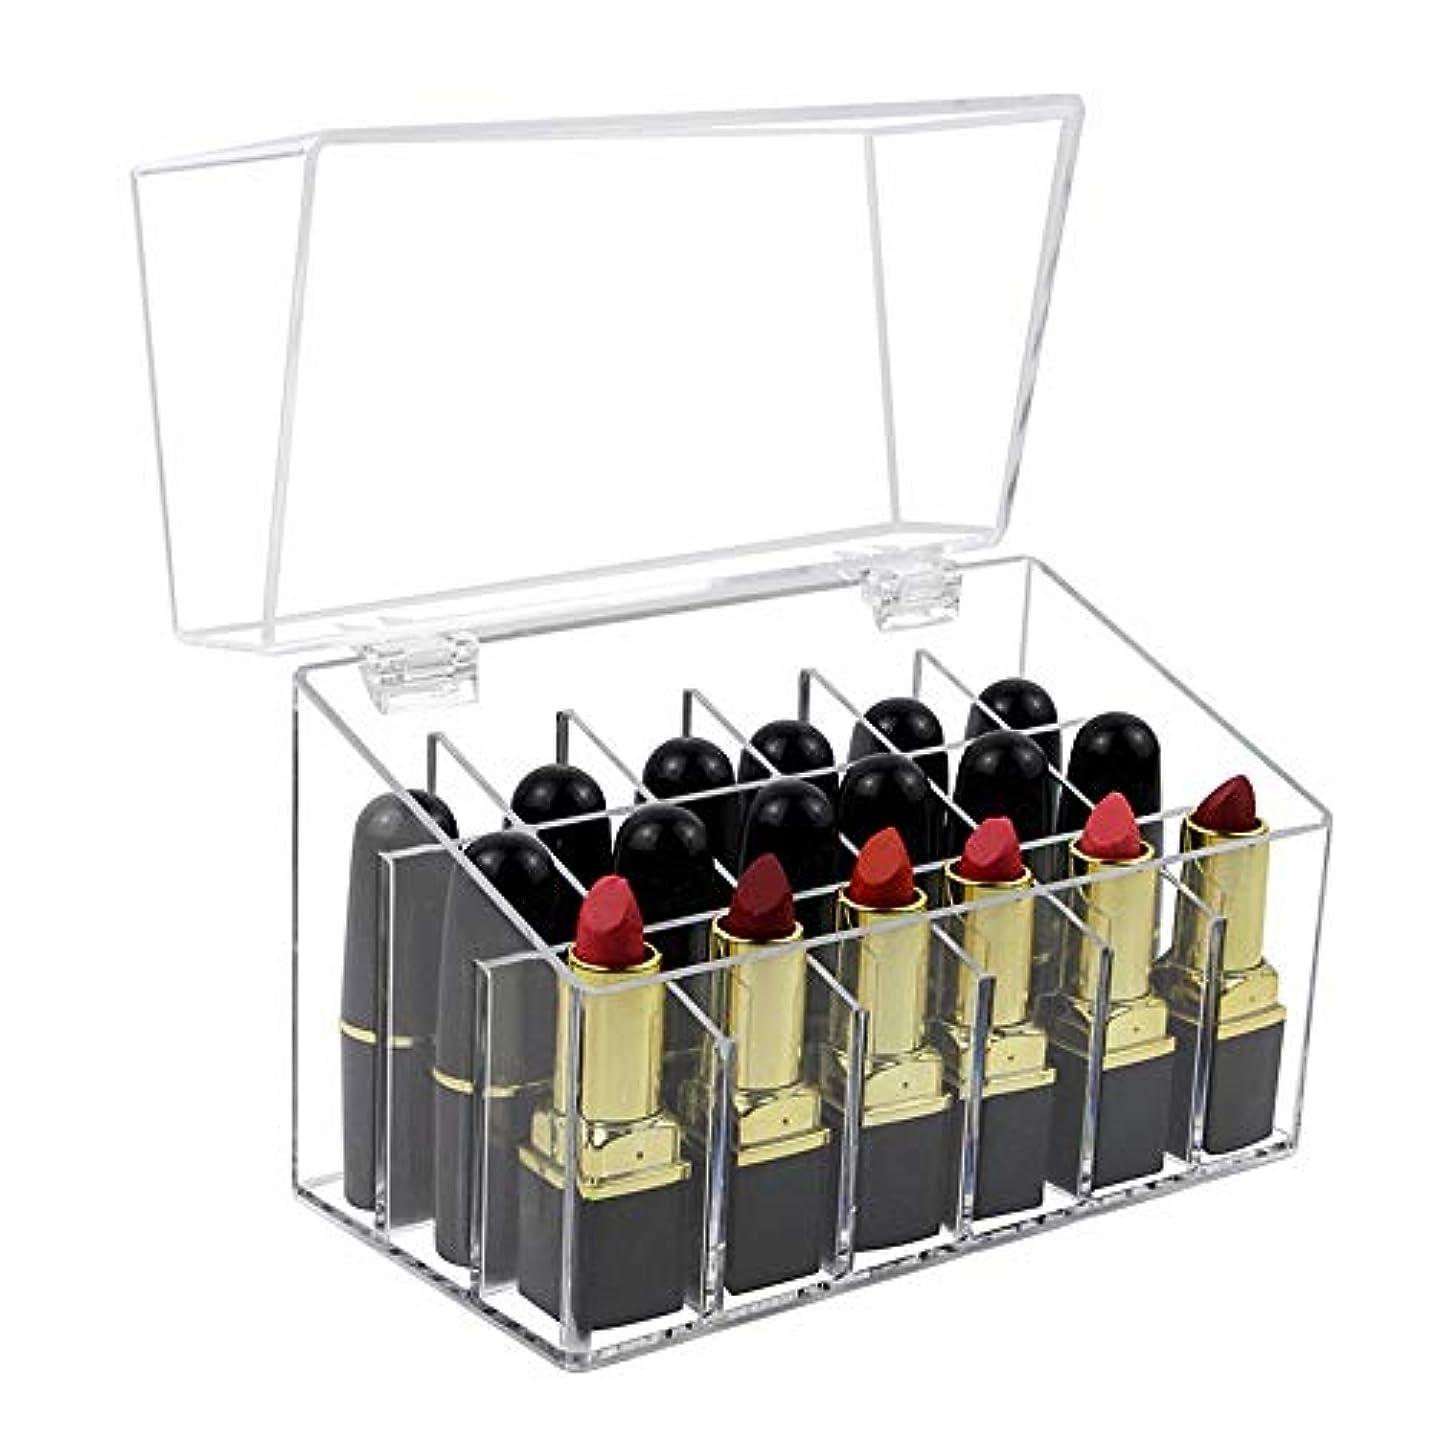 整理簡単 簡単なアクリル口紅オーガナイザー化粧ホルダー化粧品収納スタンド付きフタ (Color : Clear, Size : 17.3*8.6*13.2CM)